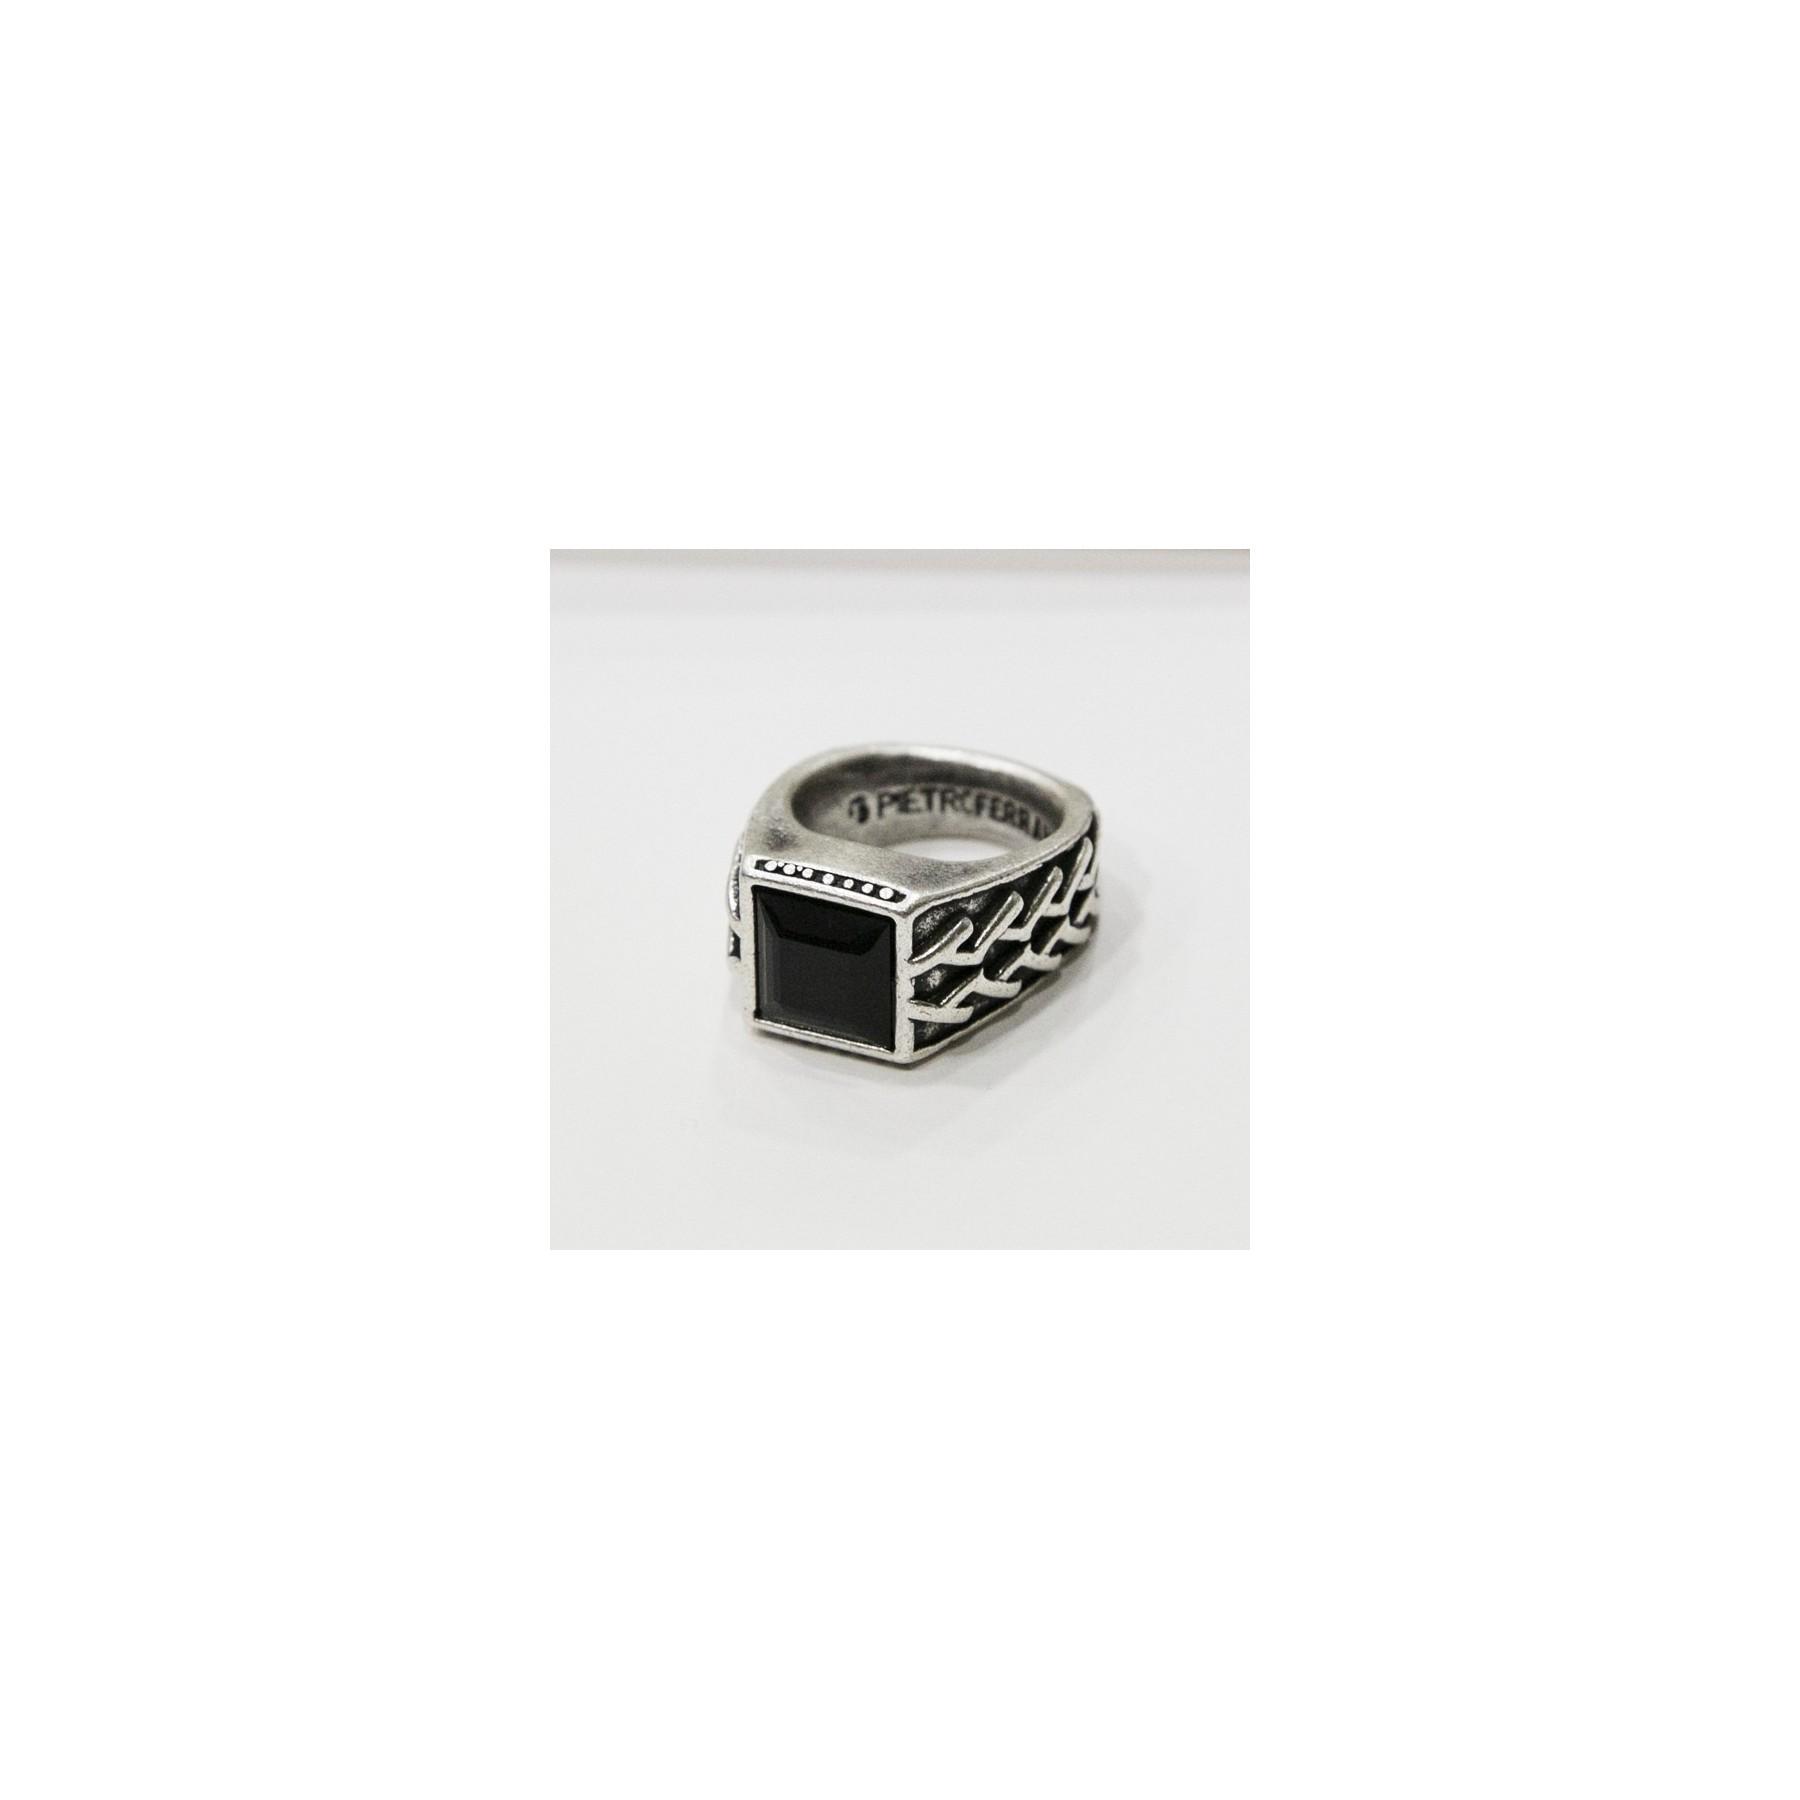 miglior sito web 351e8 318d7 ANELLO PIETRO FERRANTE RING D3293 PIETRA QUADRATA Black unico |  Atipicishop.com